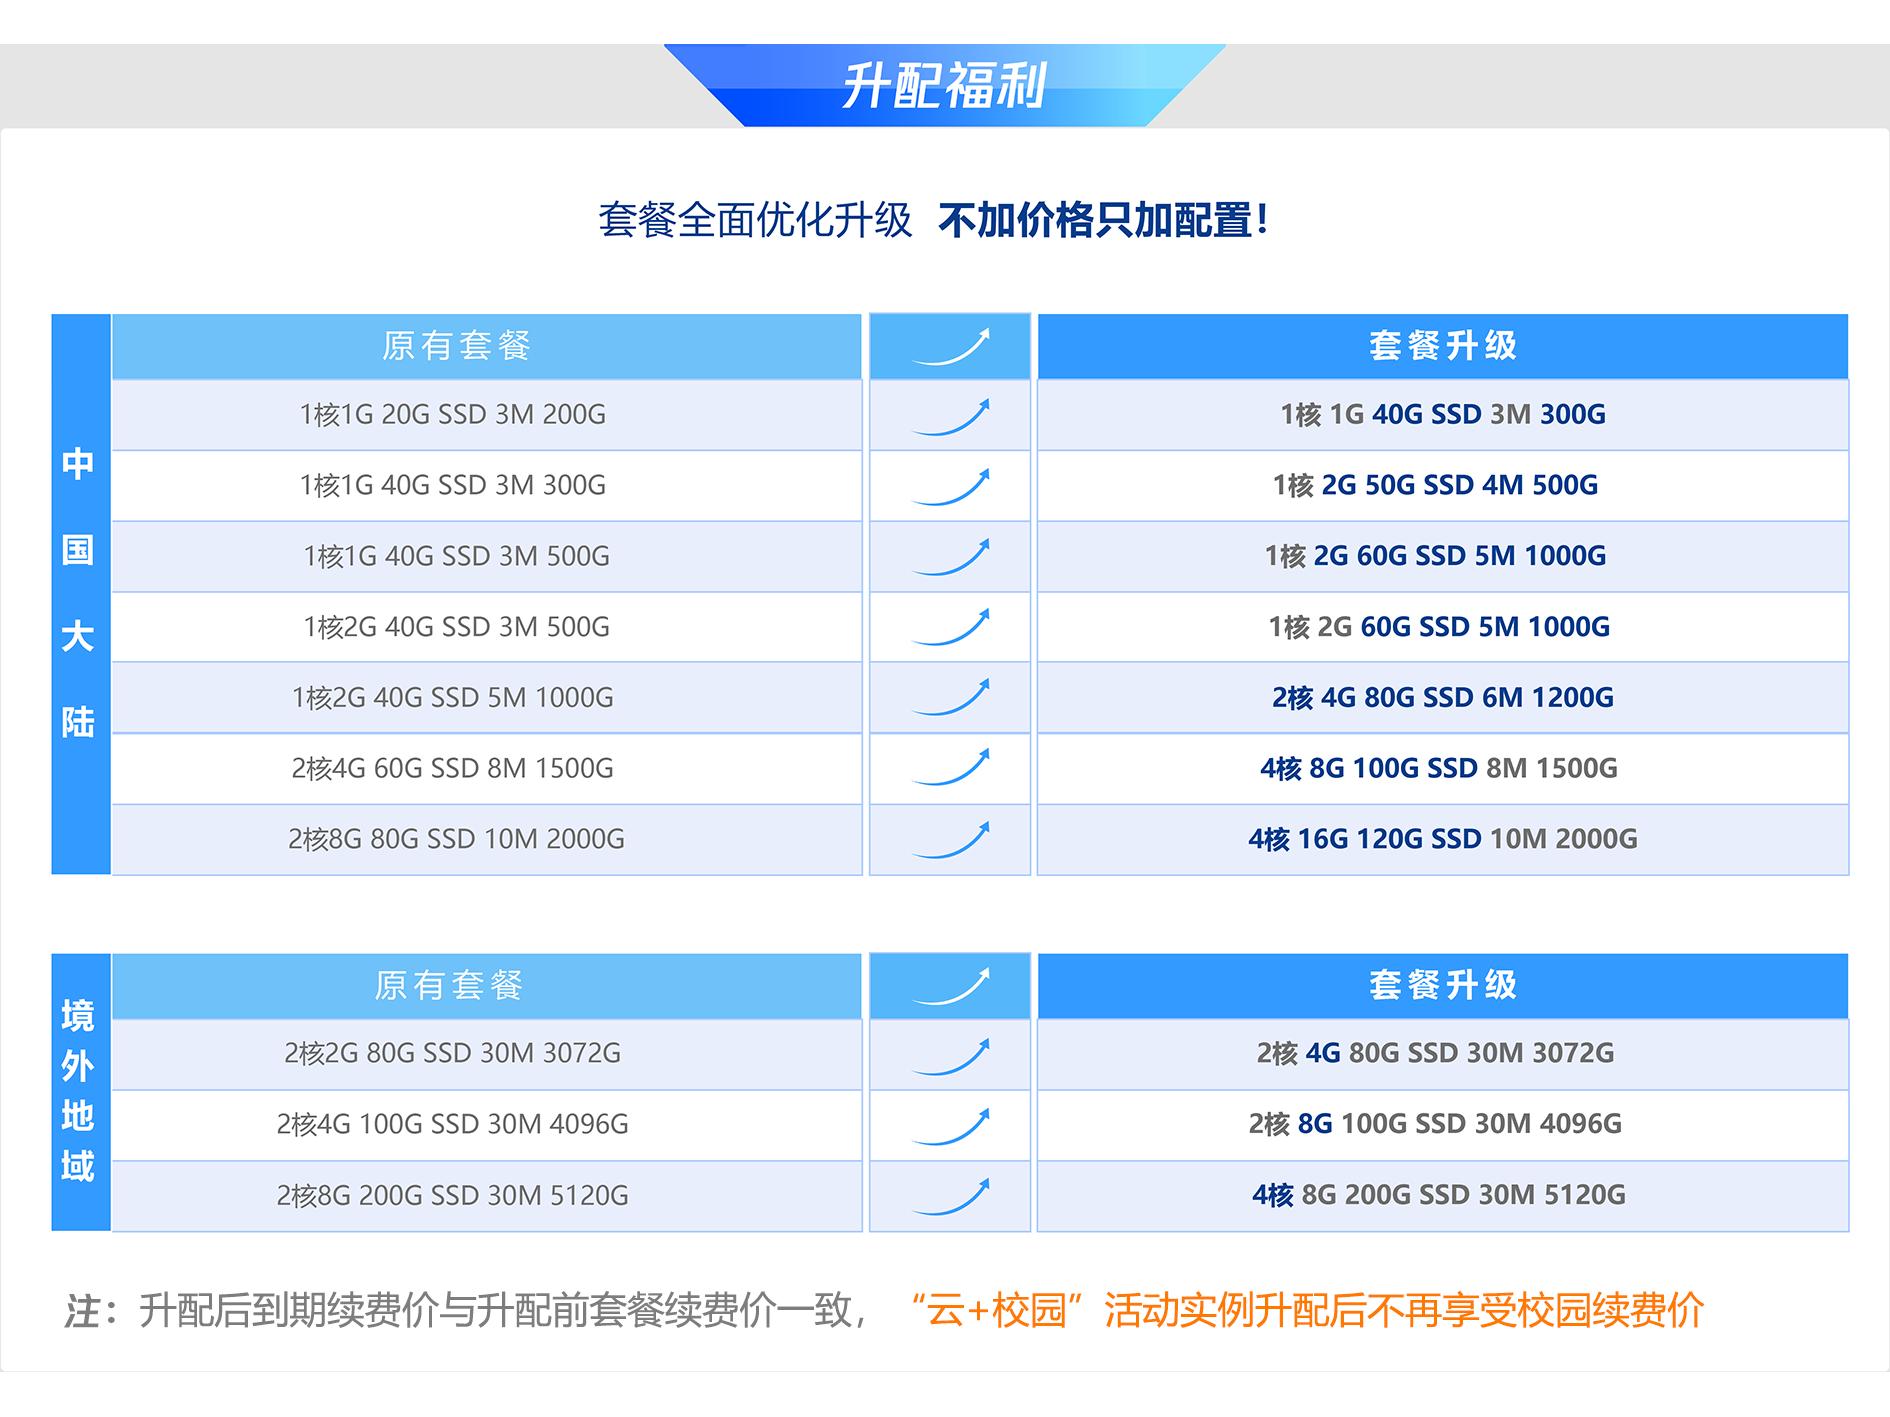 腾讯云为老用户推出免费配置升级活动 轻量服务器可免费升级配置